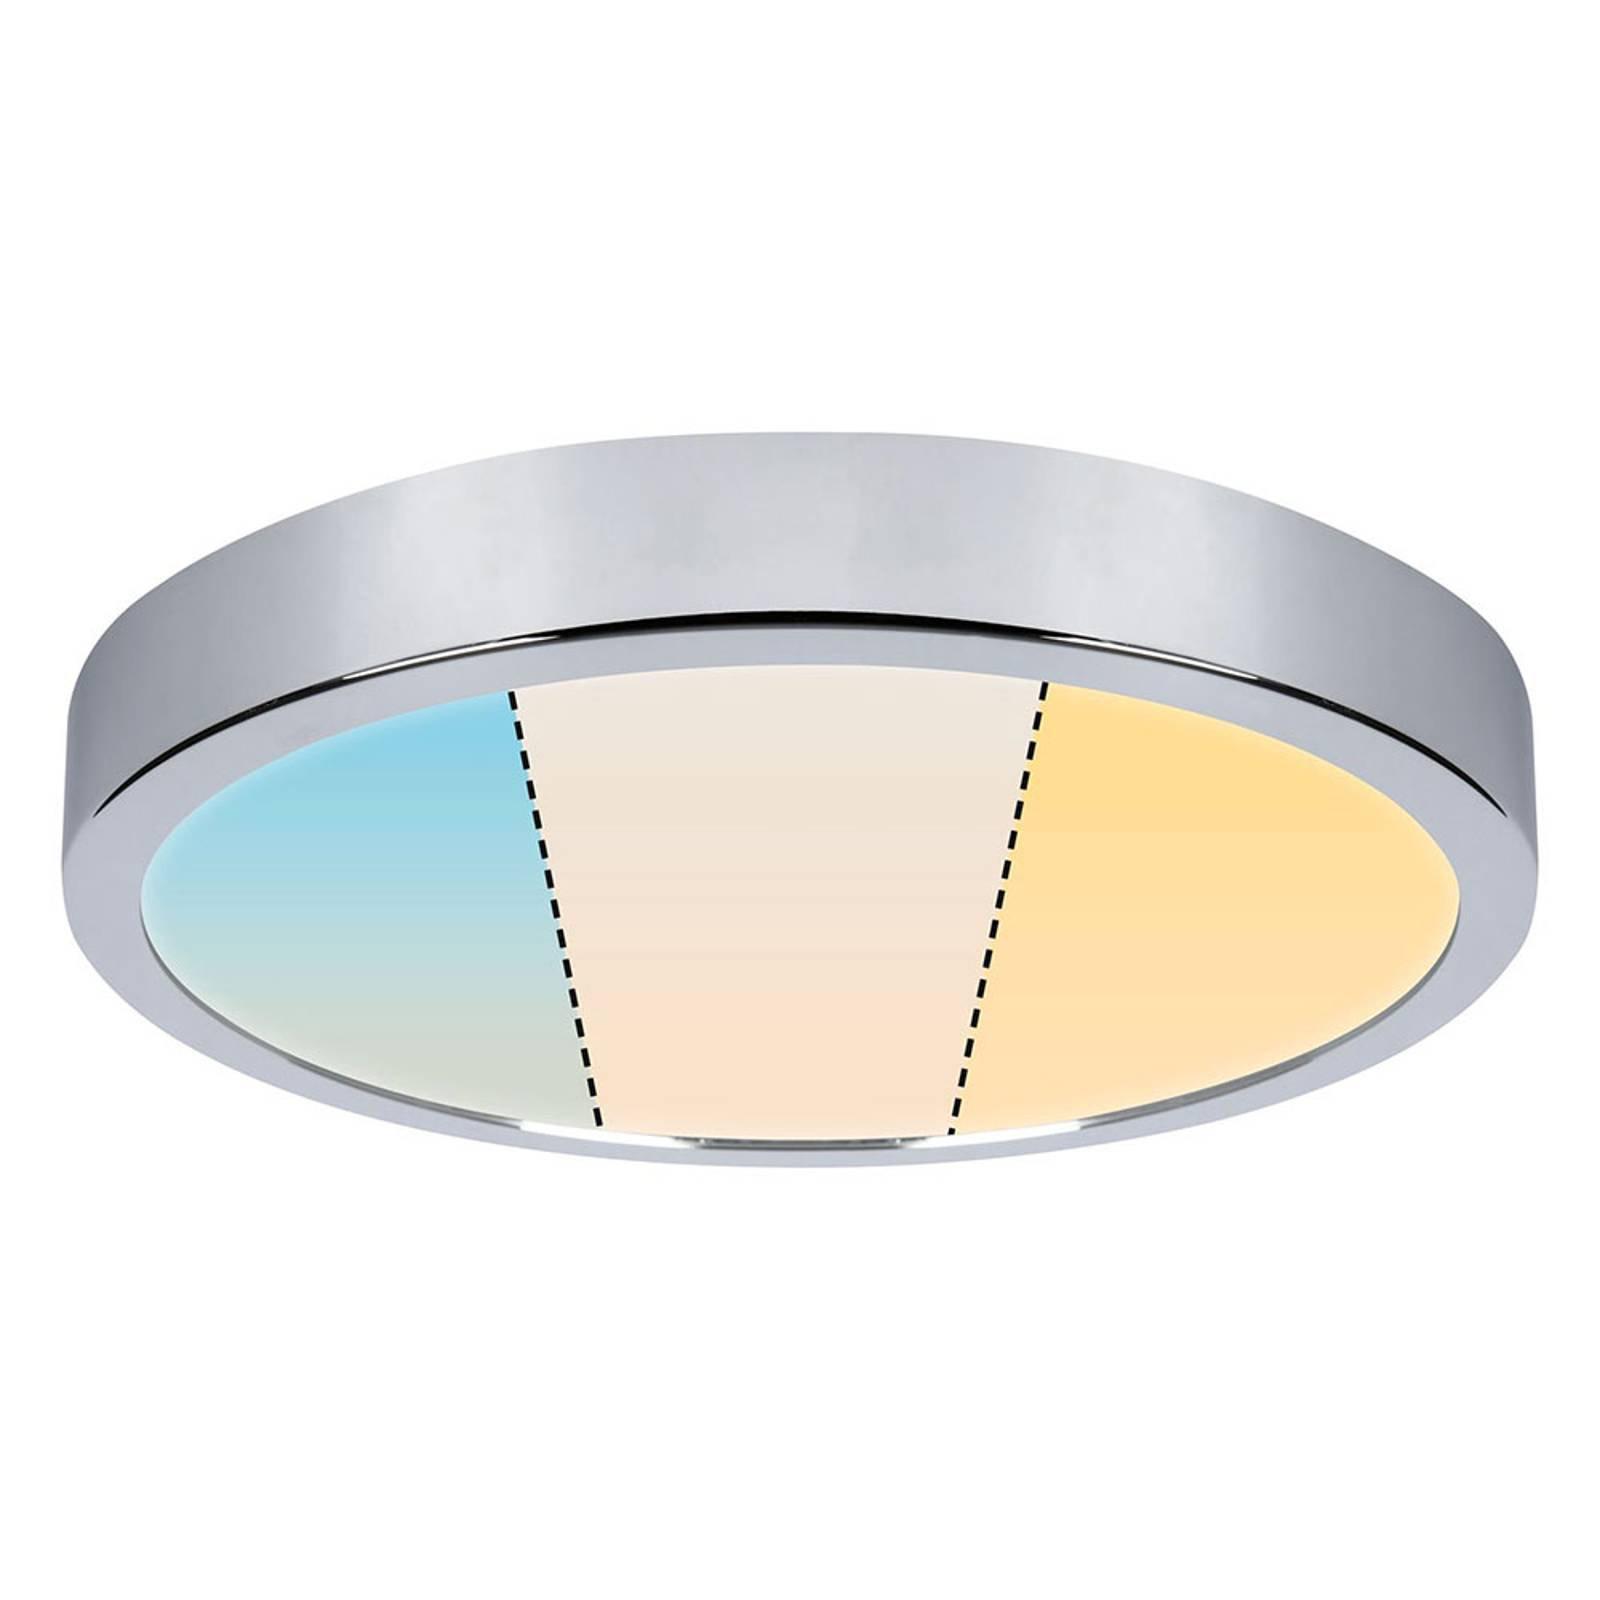 Paulmann Aviar LED-taklampe WhiteSwitch Ø 30 cm